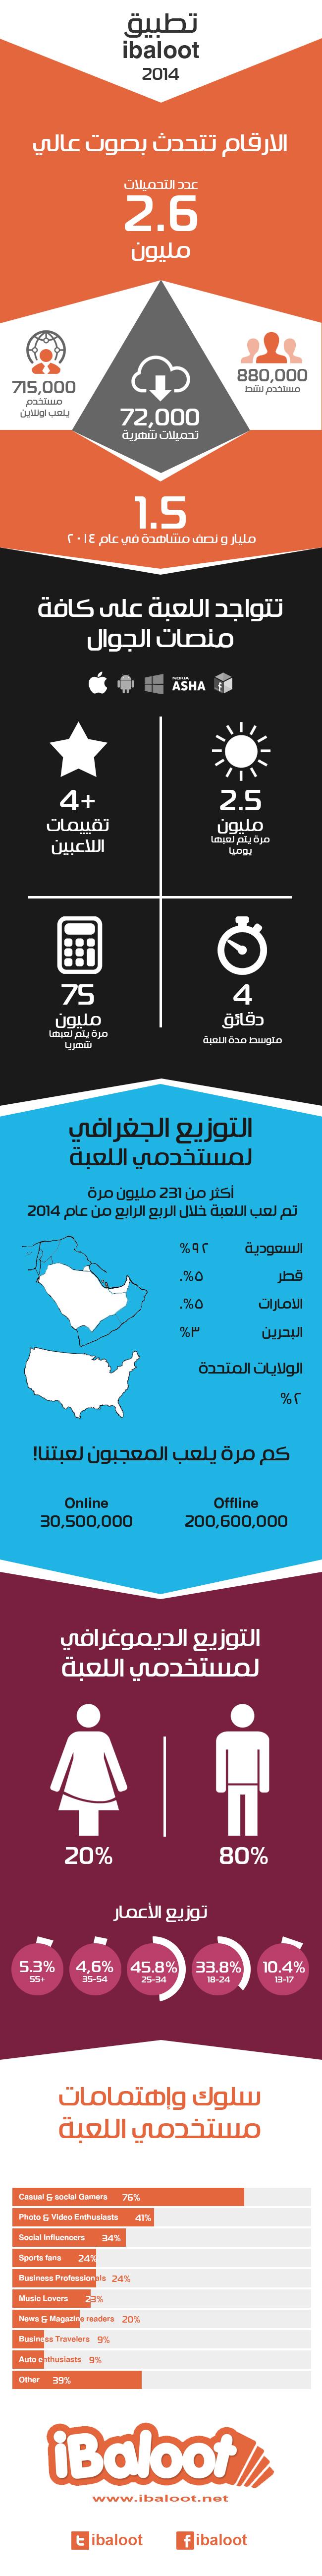 ibaloot-infographic-2014 (2)